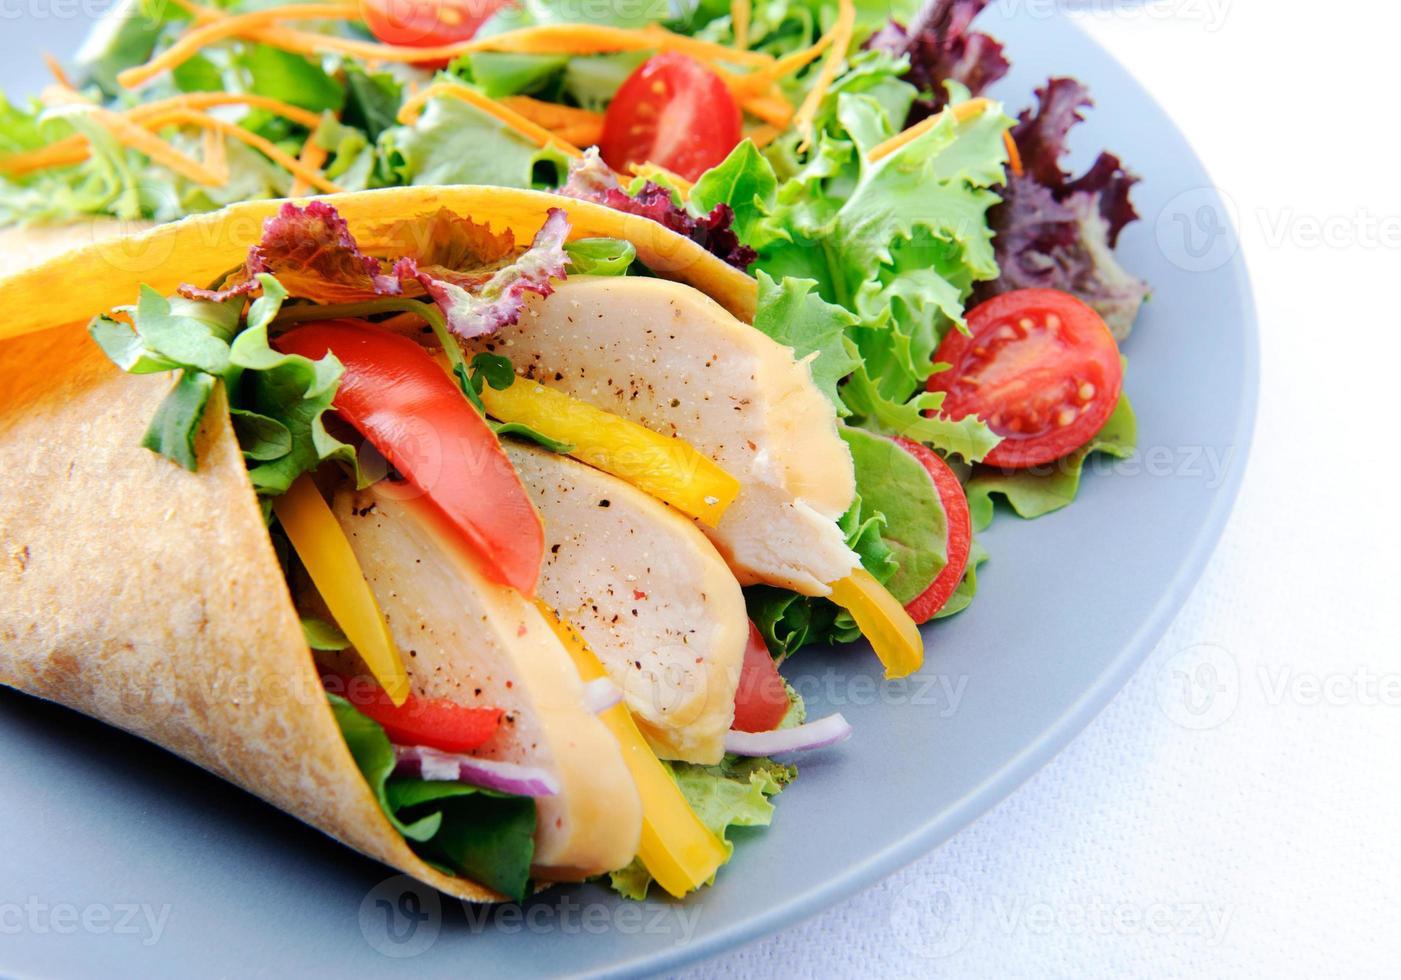 Nahaufnahme auf frischem Hühnchengemüse Wrap mit Beilagensalat foto